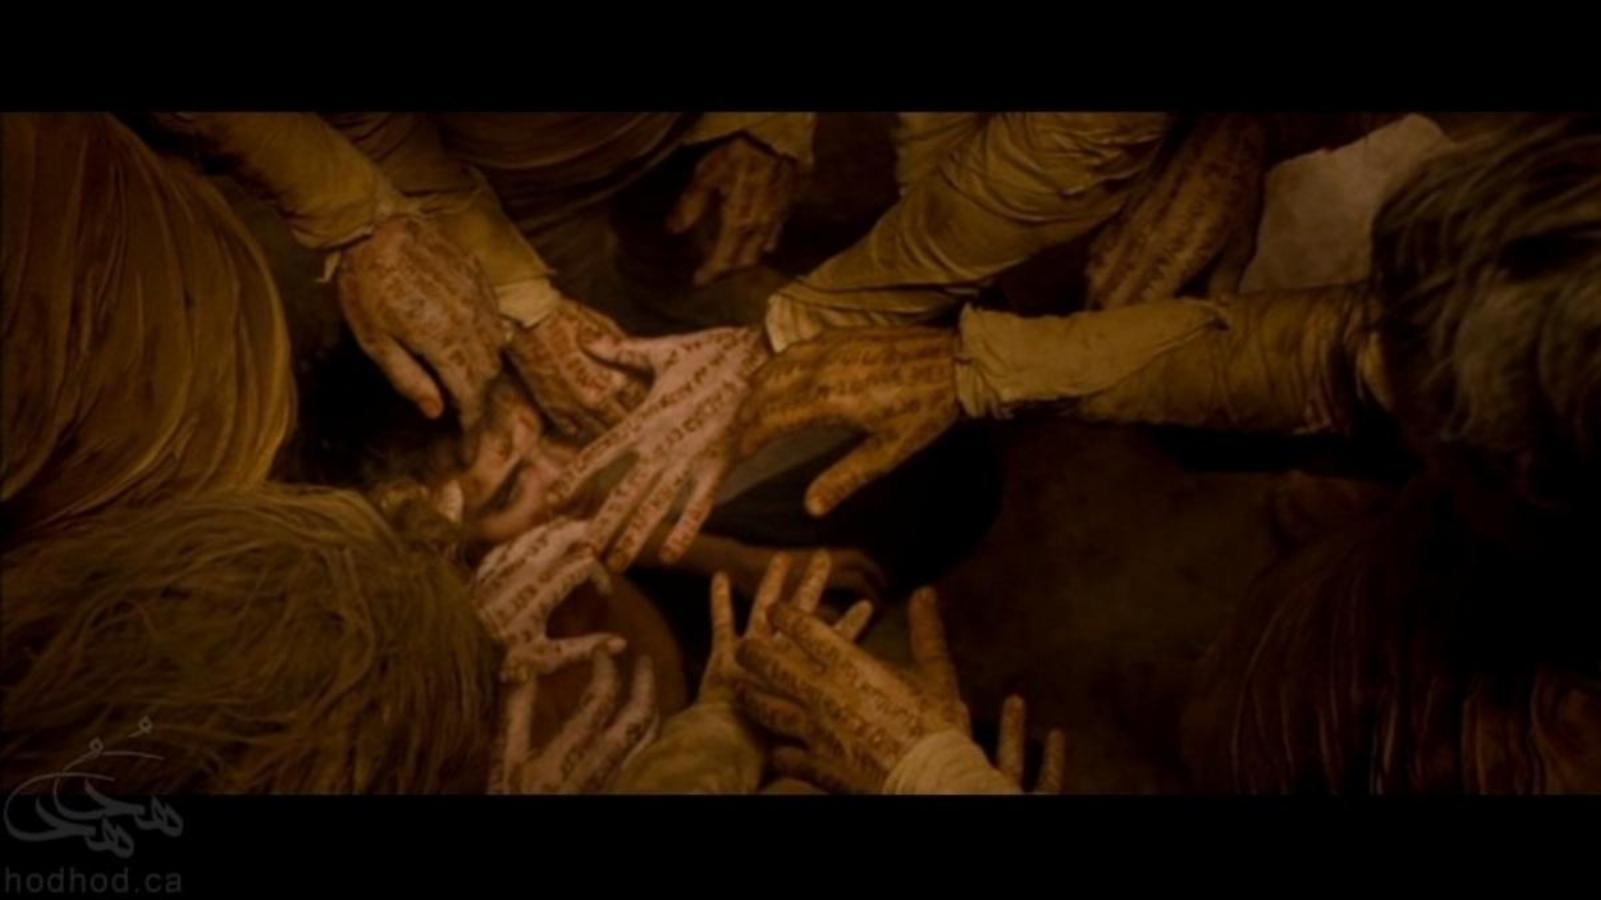 فیلم ترسناک شکار در کانکتیکات بر اساس داستانی واقعی بود